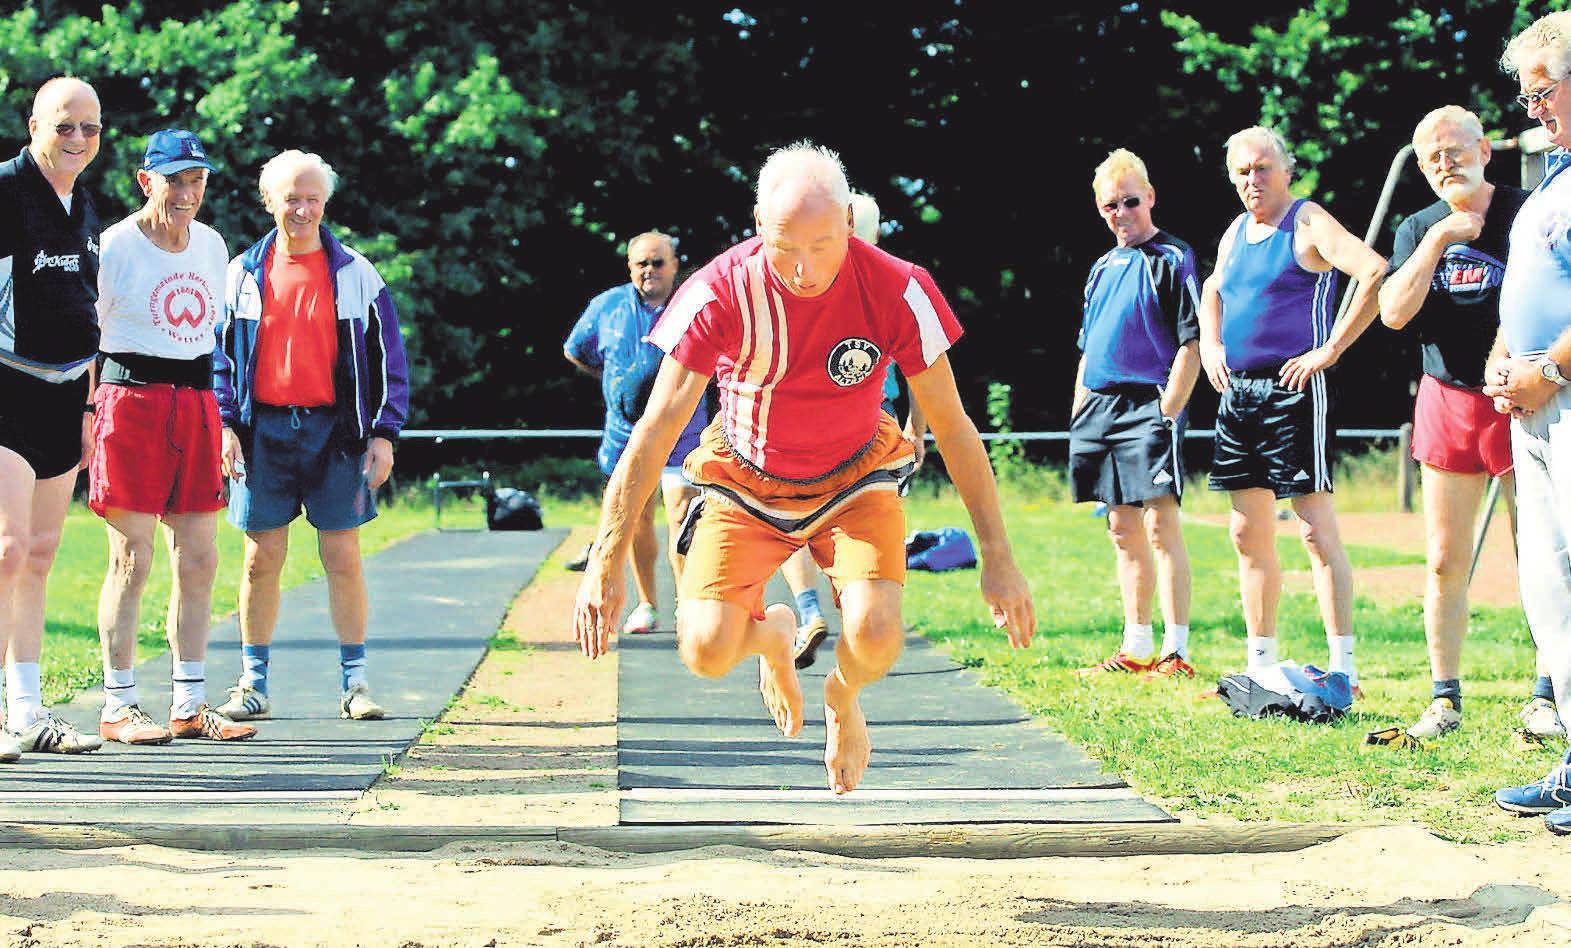 Sport in jeglicher Form tut gut – unabhängig vom Alter.